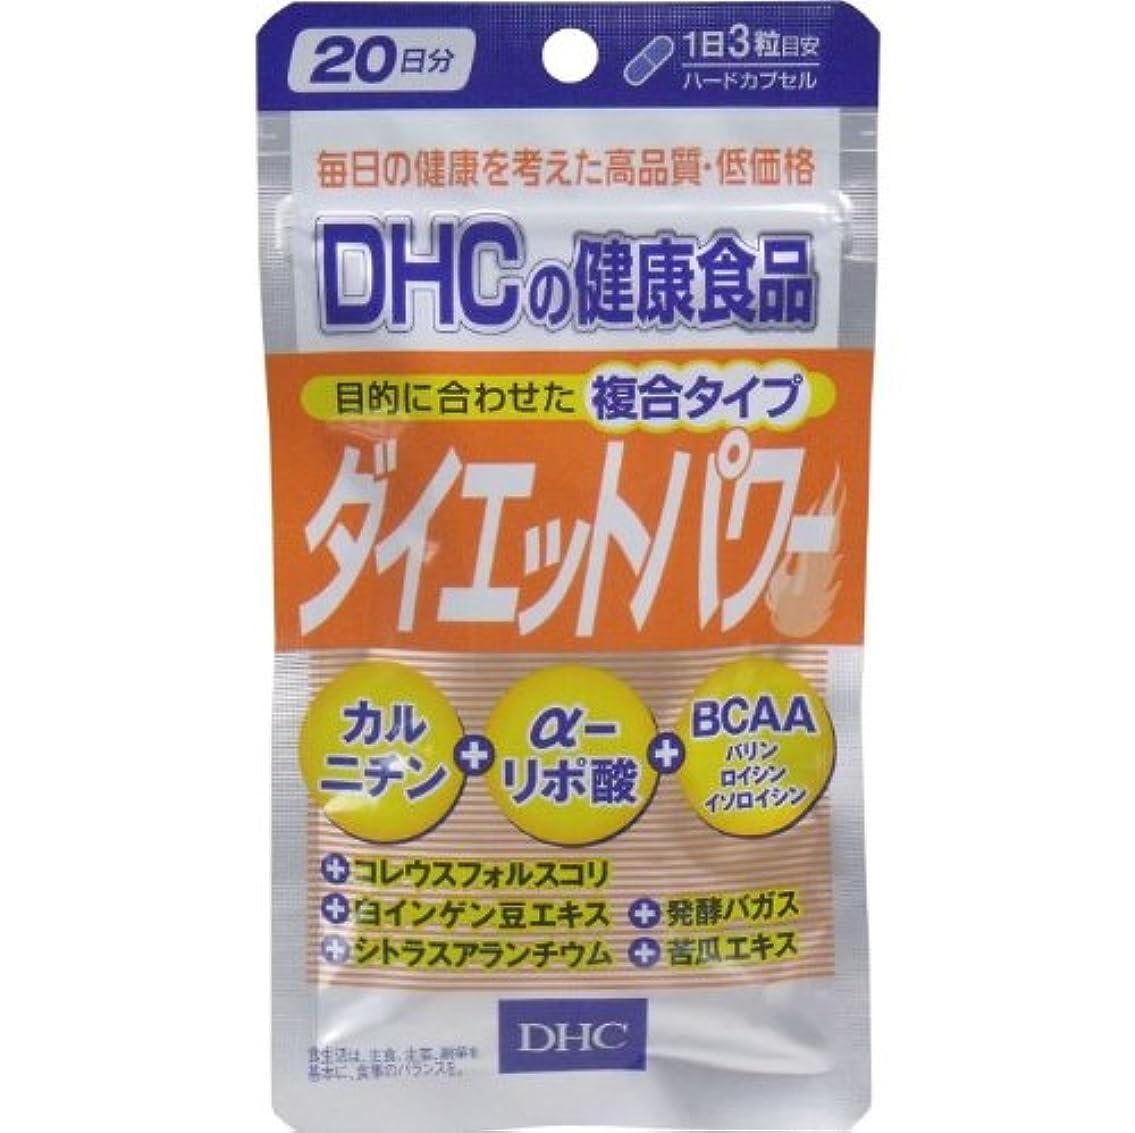 一目上流のプログレッシブDHC ダイエットパワー 60粒入 20日分【4個セット】